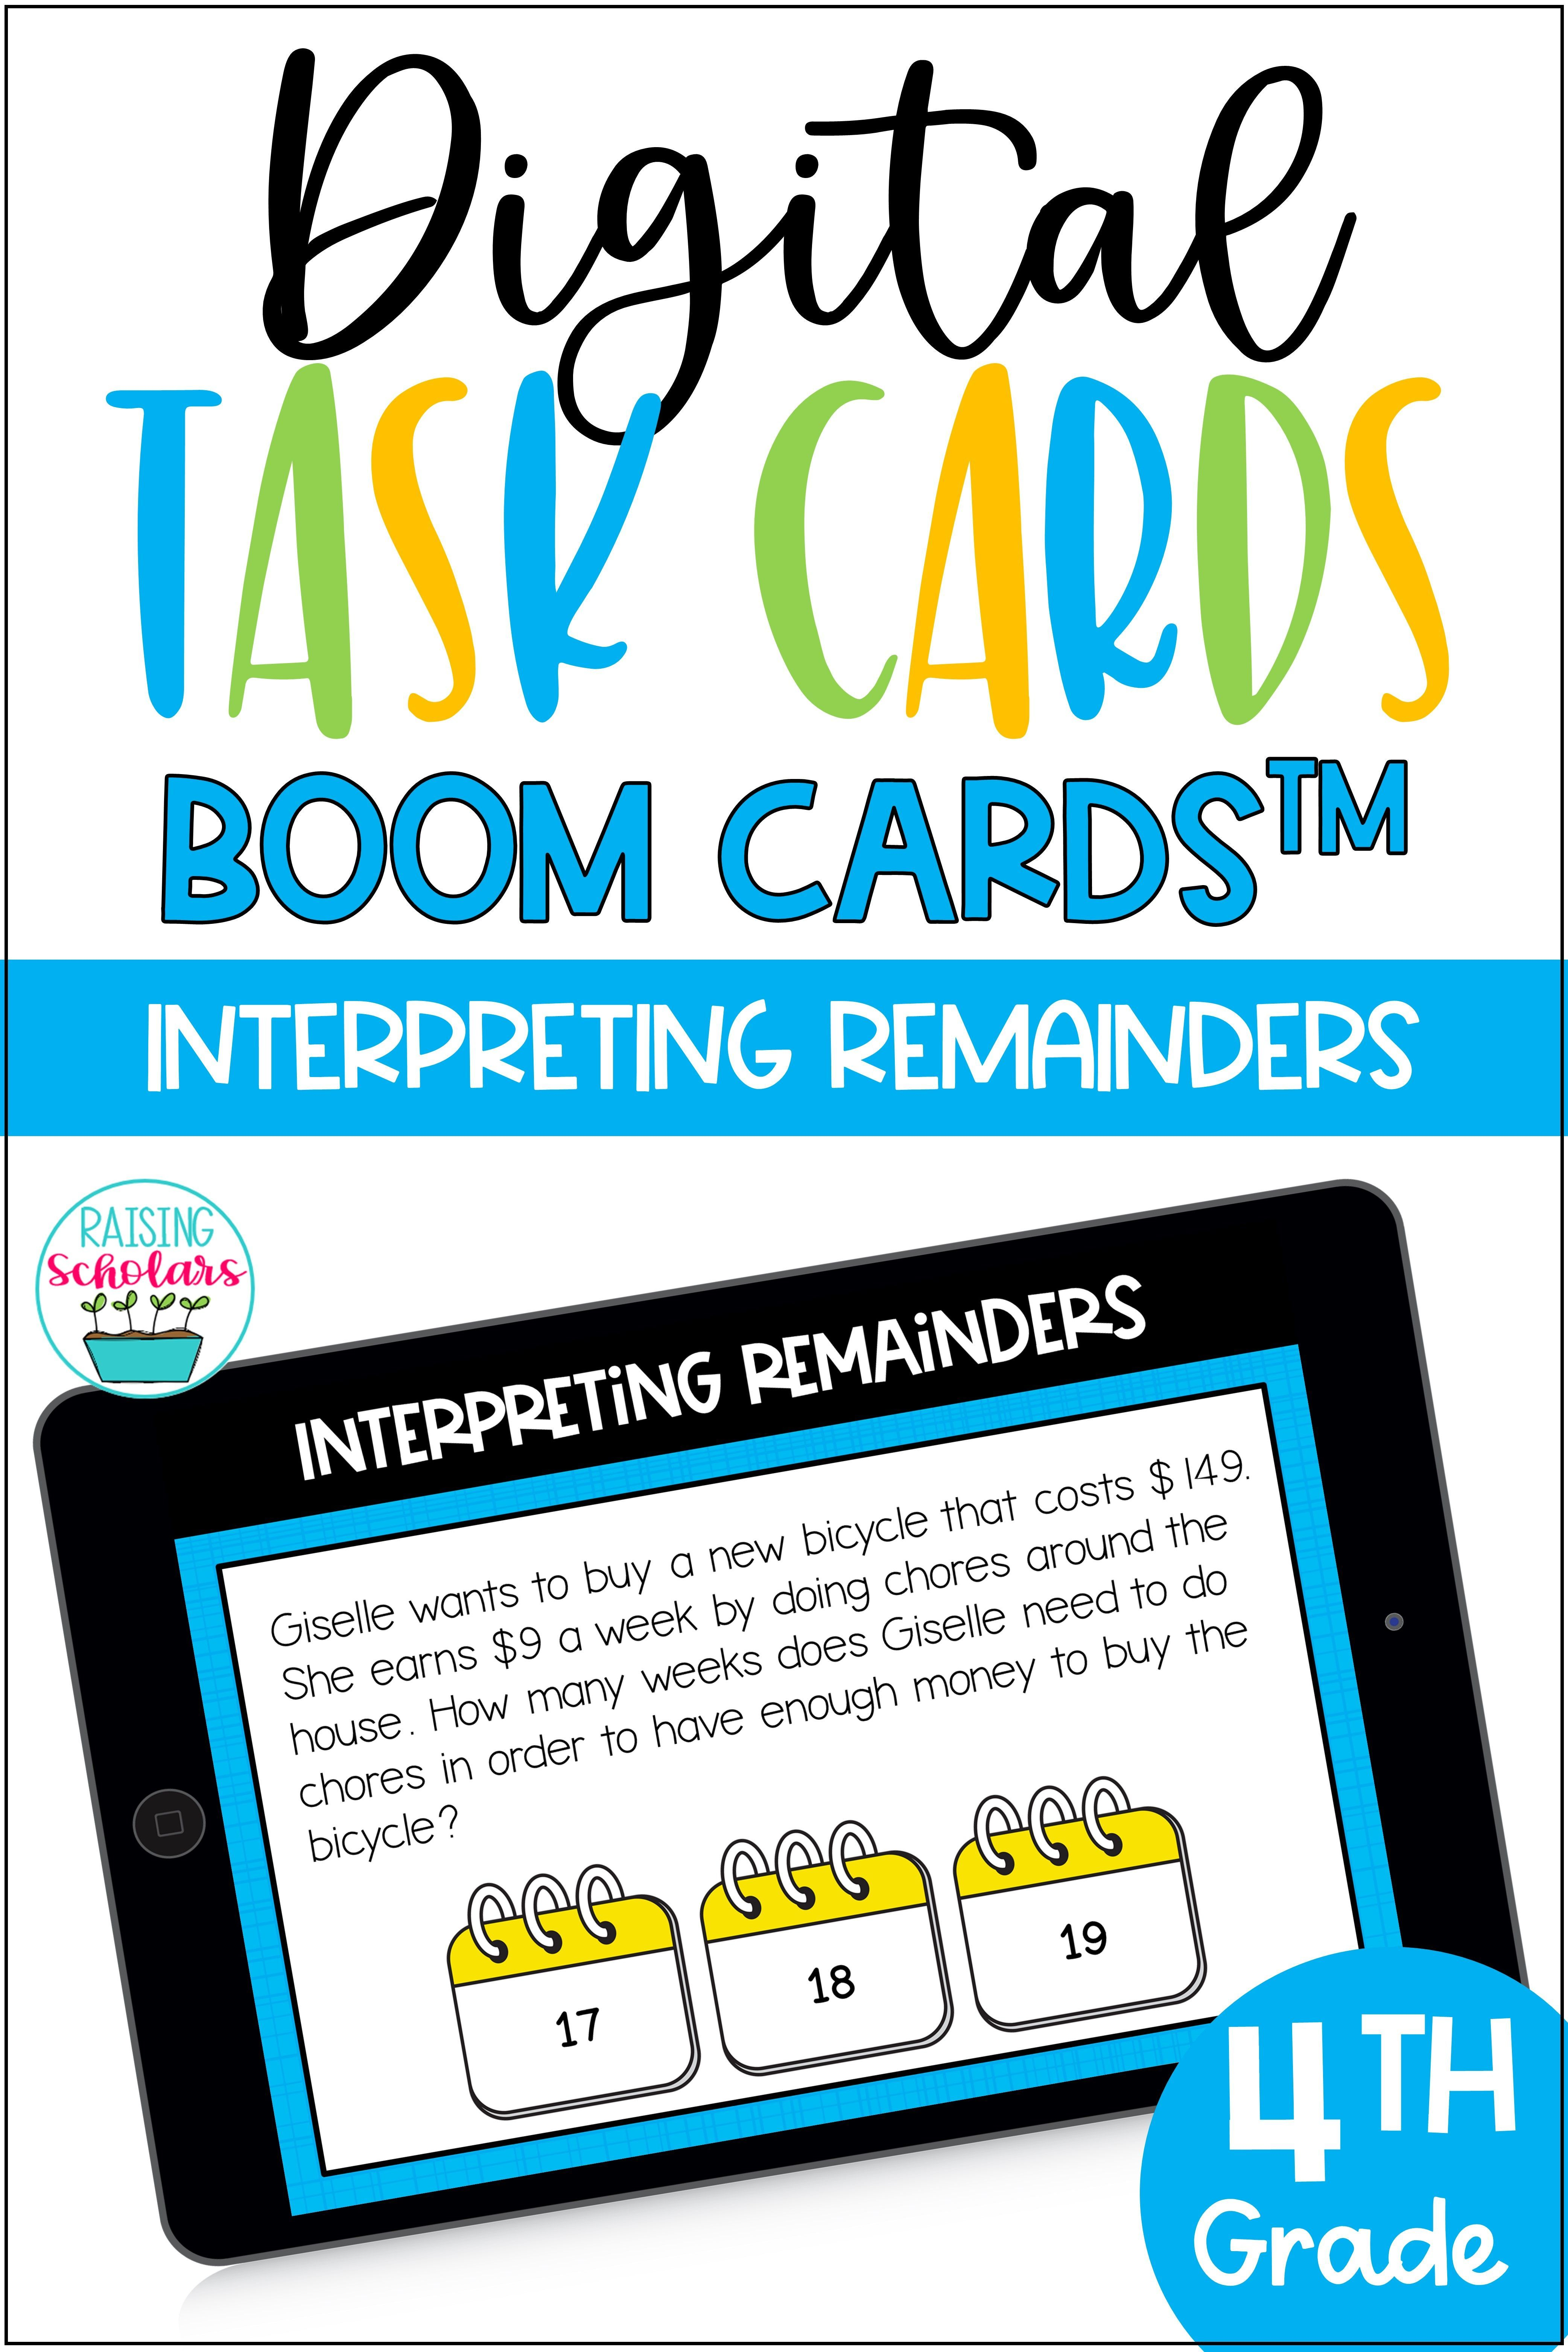 Interpreting Remainders Division Boom Cards Digital Task Cards In 2020 Digital Task Cards Task Cards Interpreting Remainders